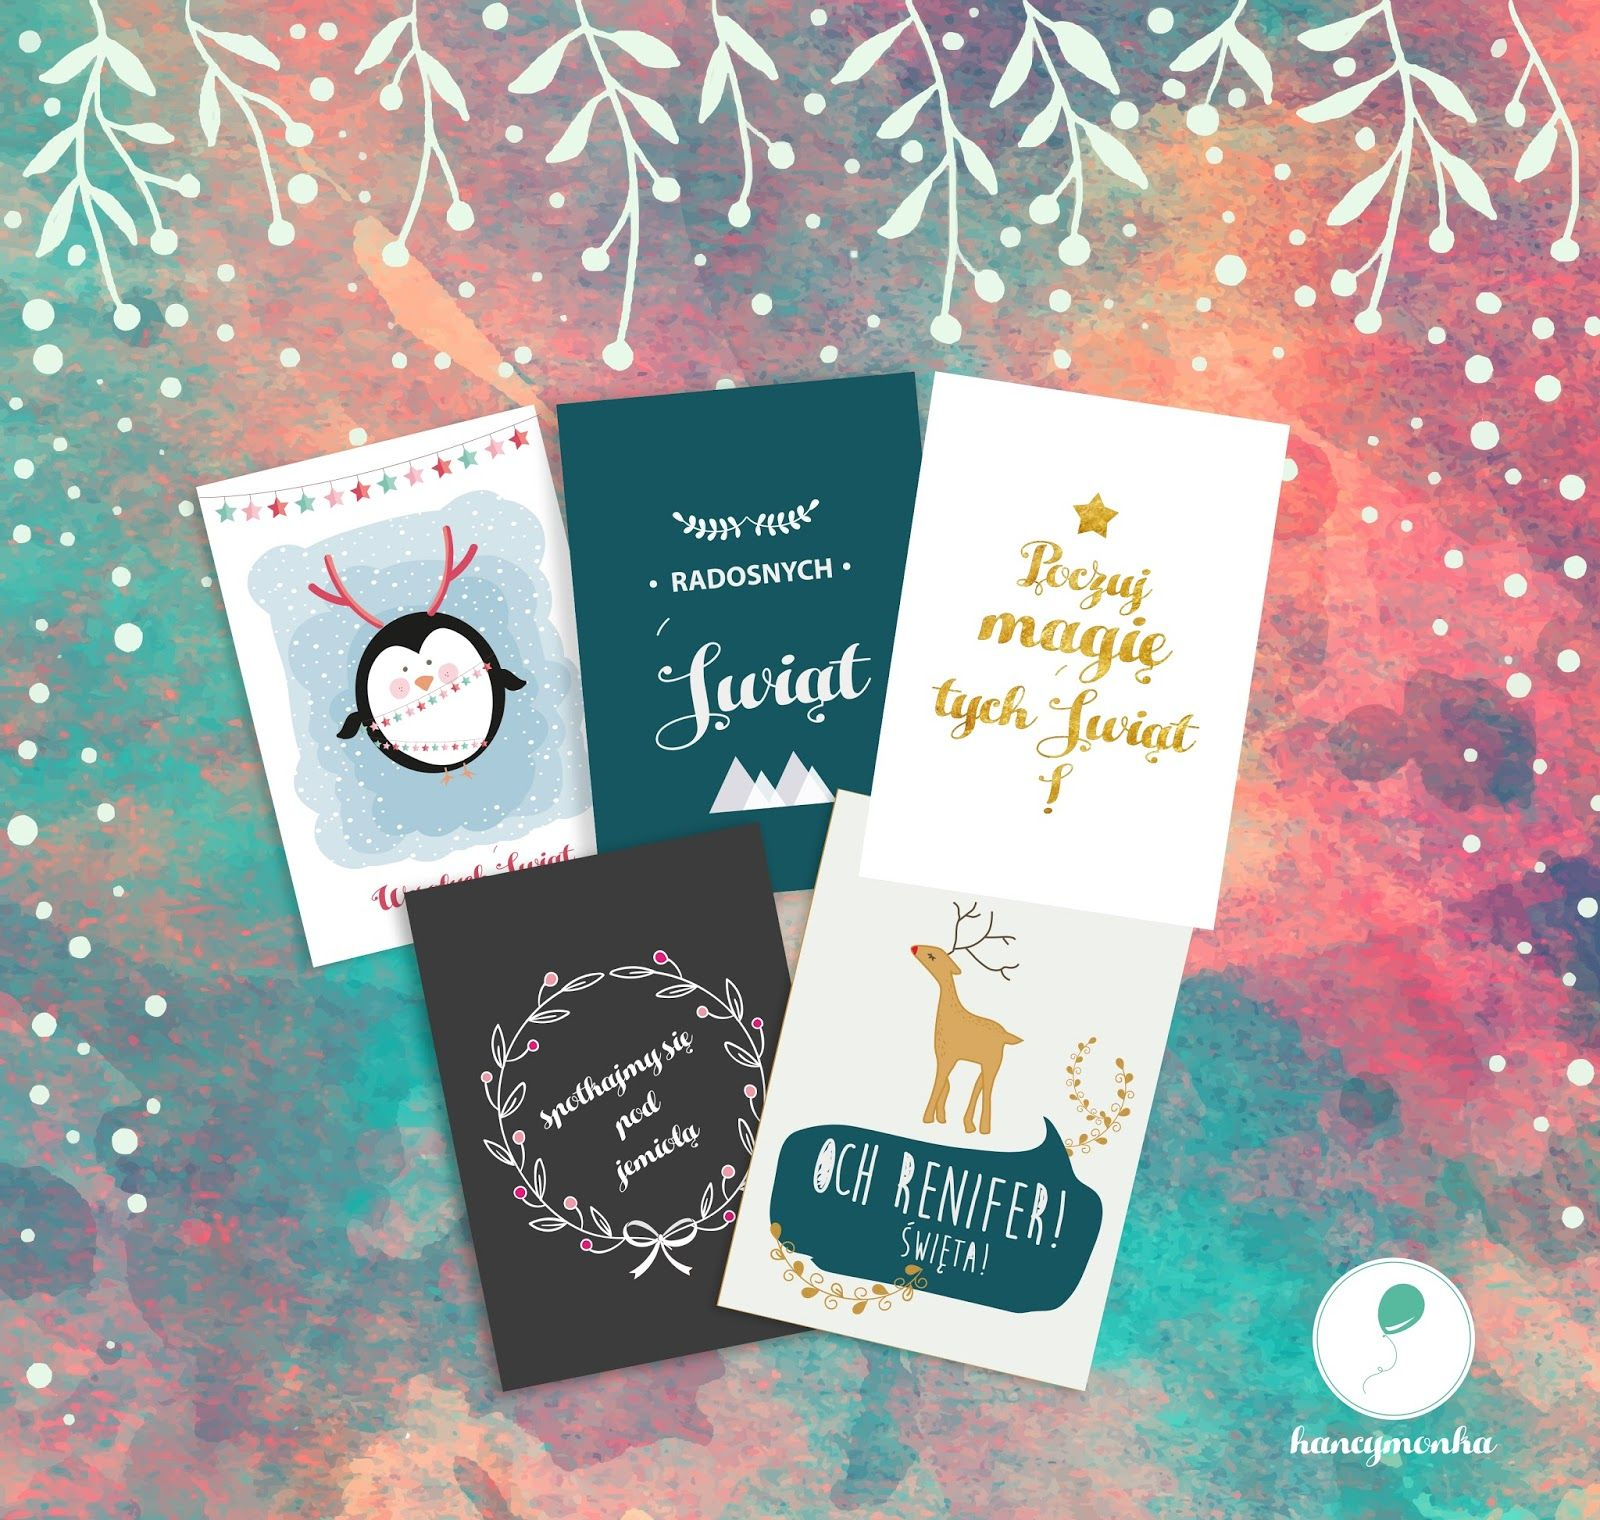 Plakaty świąteczne Do Druku Za Darmo Darmowe Plakaty Grafiki